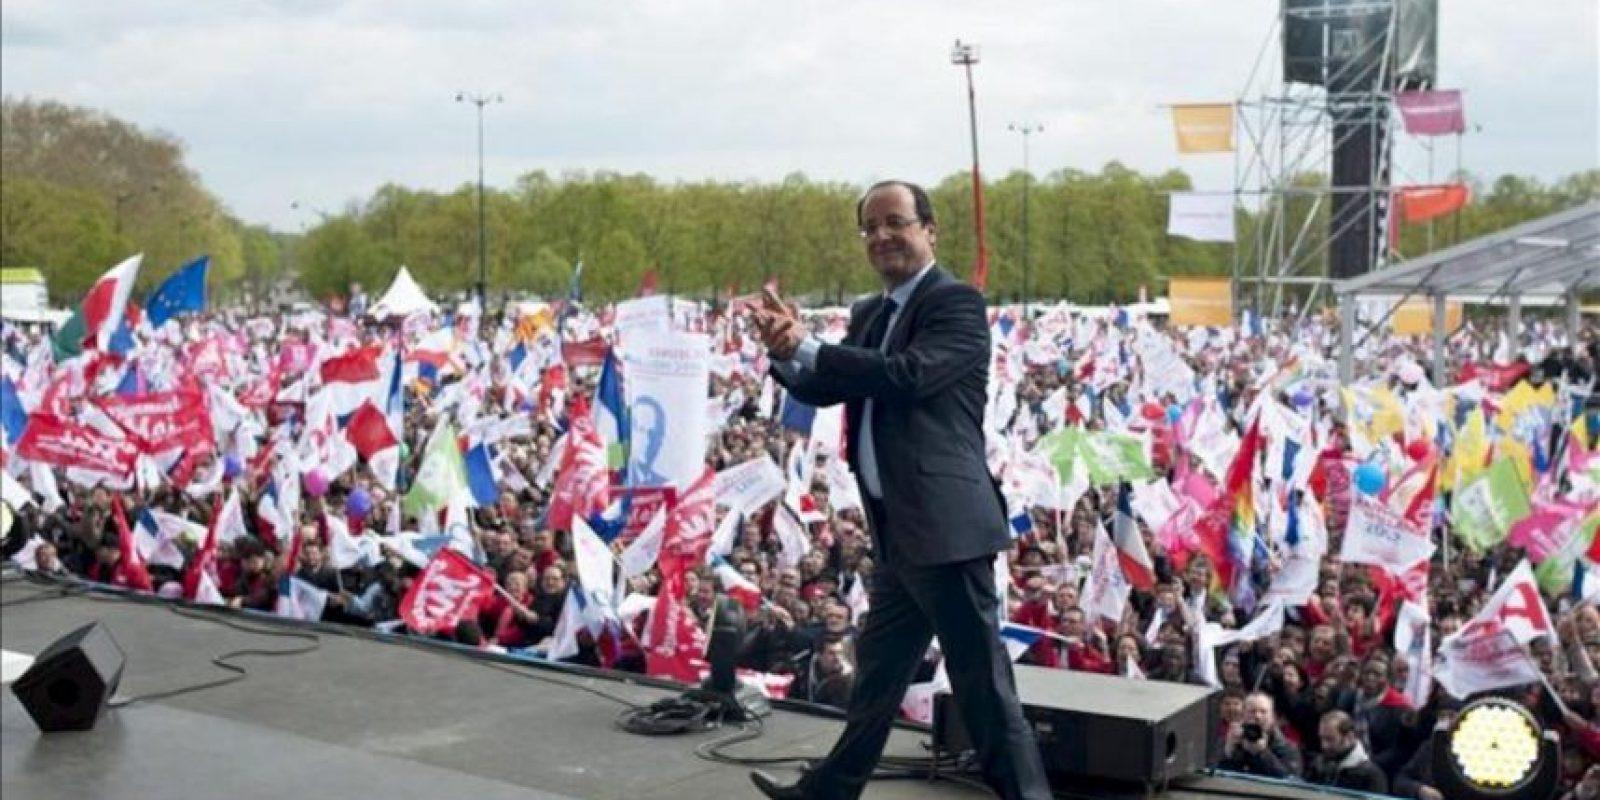 El candidato socialista a la Presidencia de Francia, François Hollande, abandona el escenario saludando a sus seguidores tras celebrar un mitín en el Castillo de Vincennes, a las afueras de París, hoy. EFE